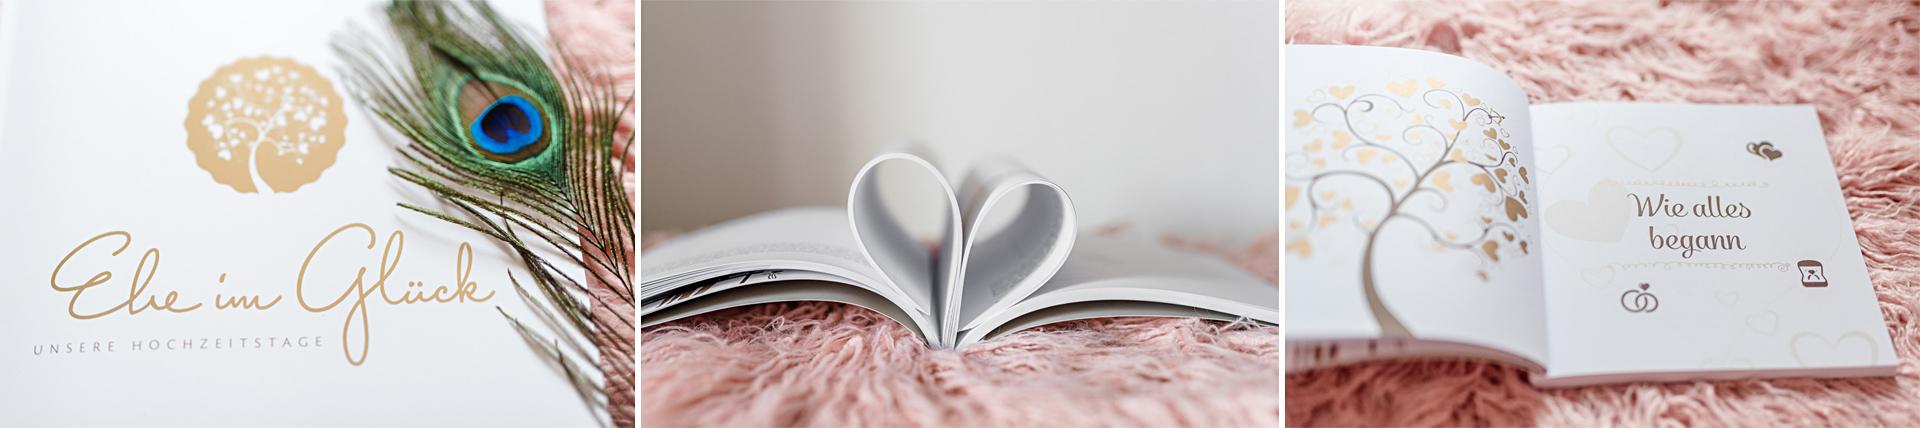 Buch Ehe im Glueck